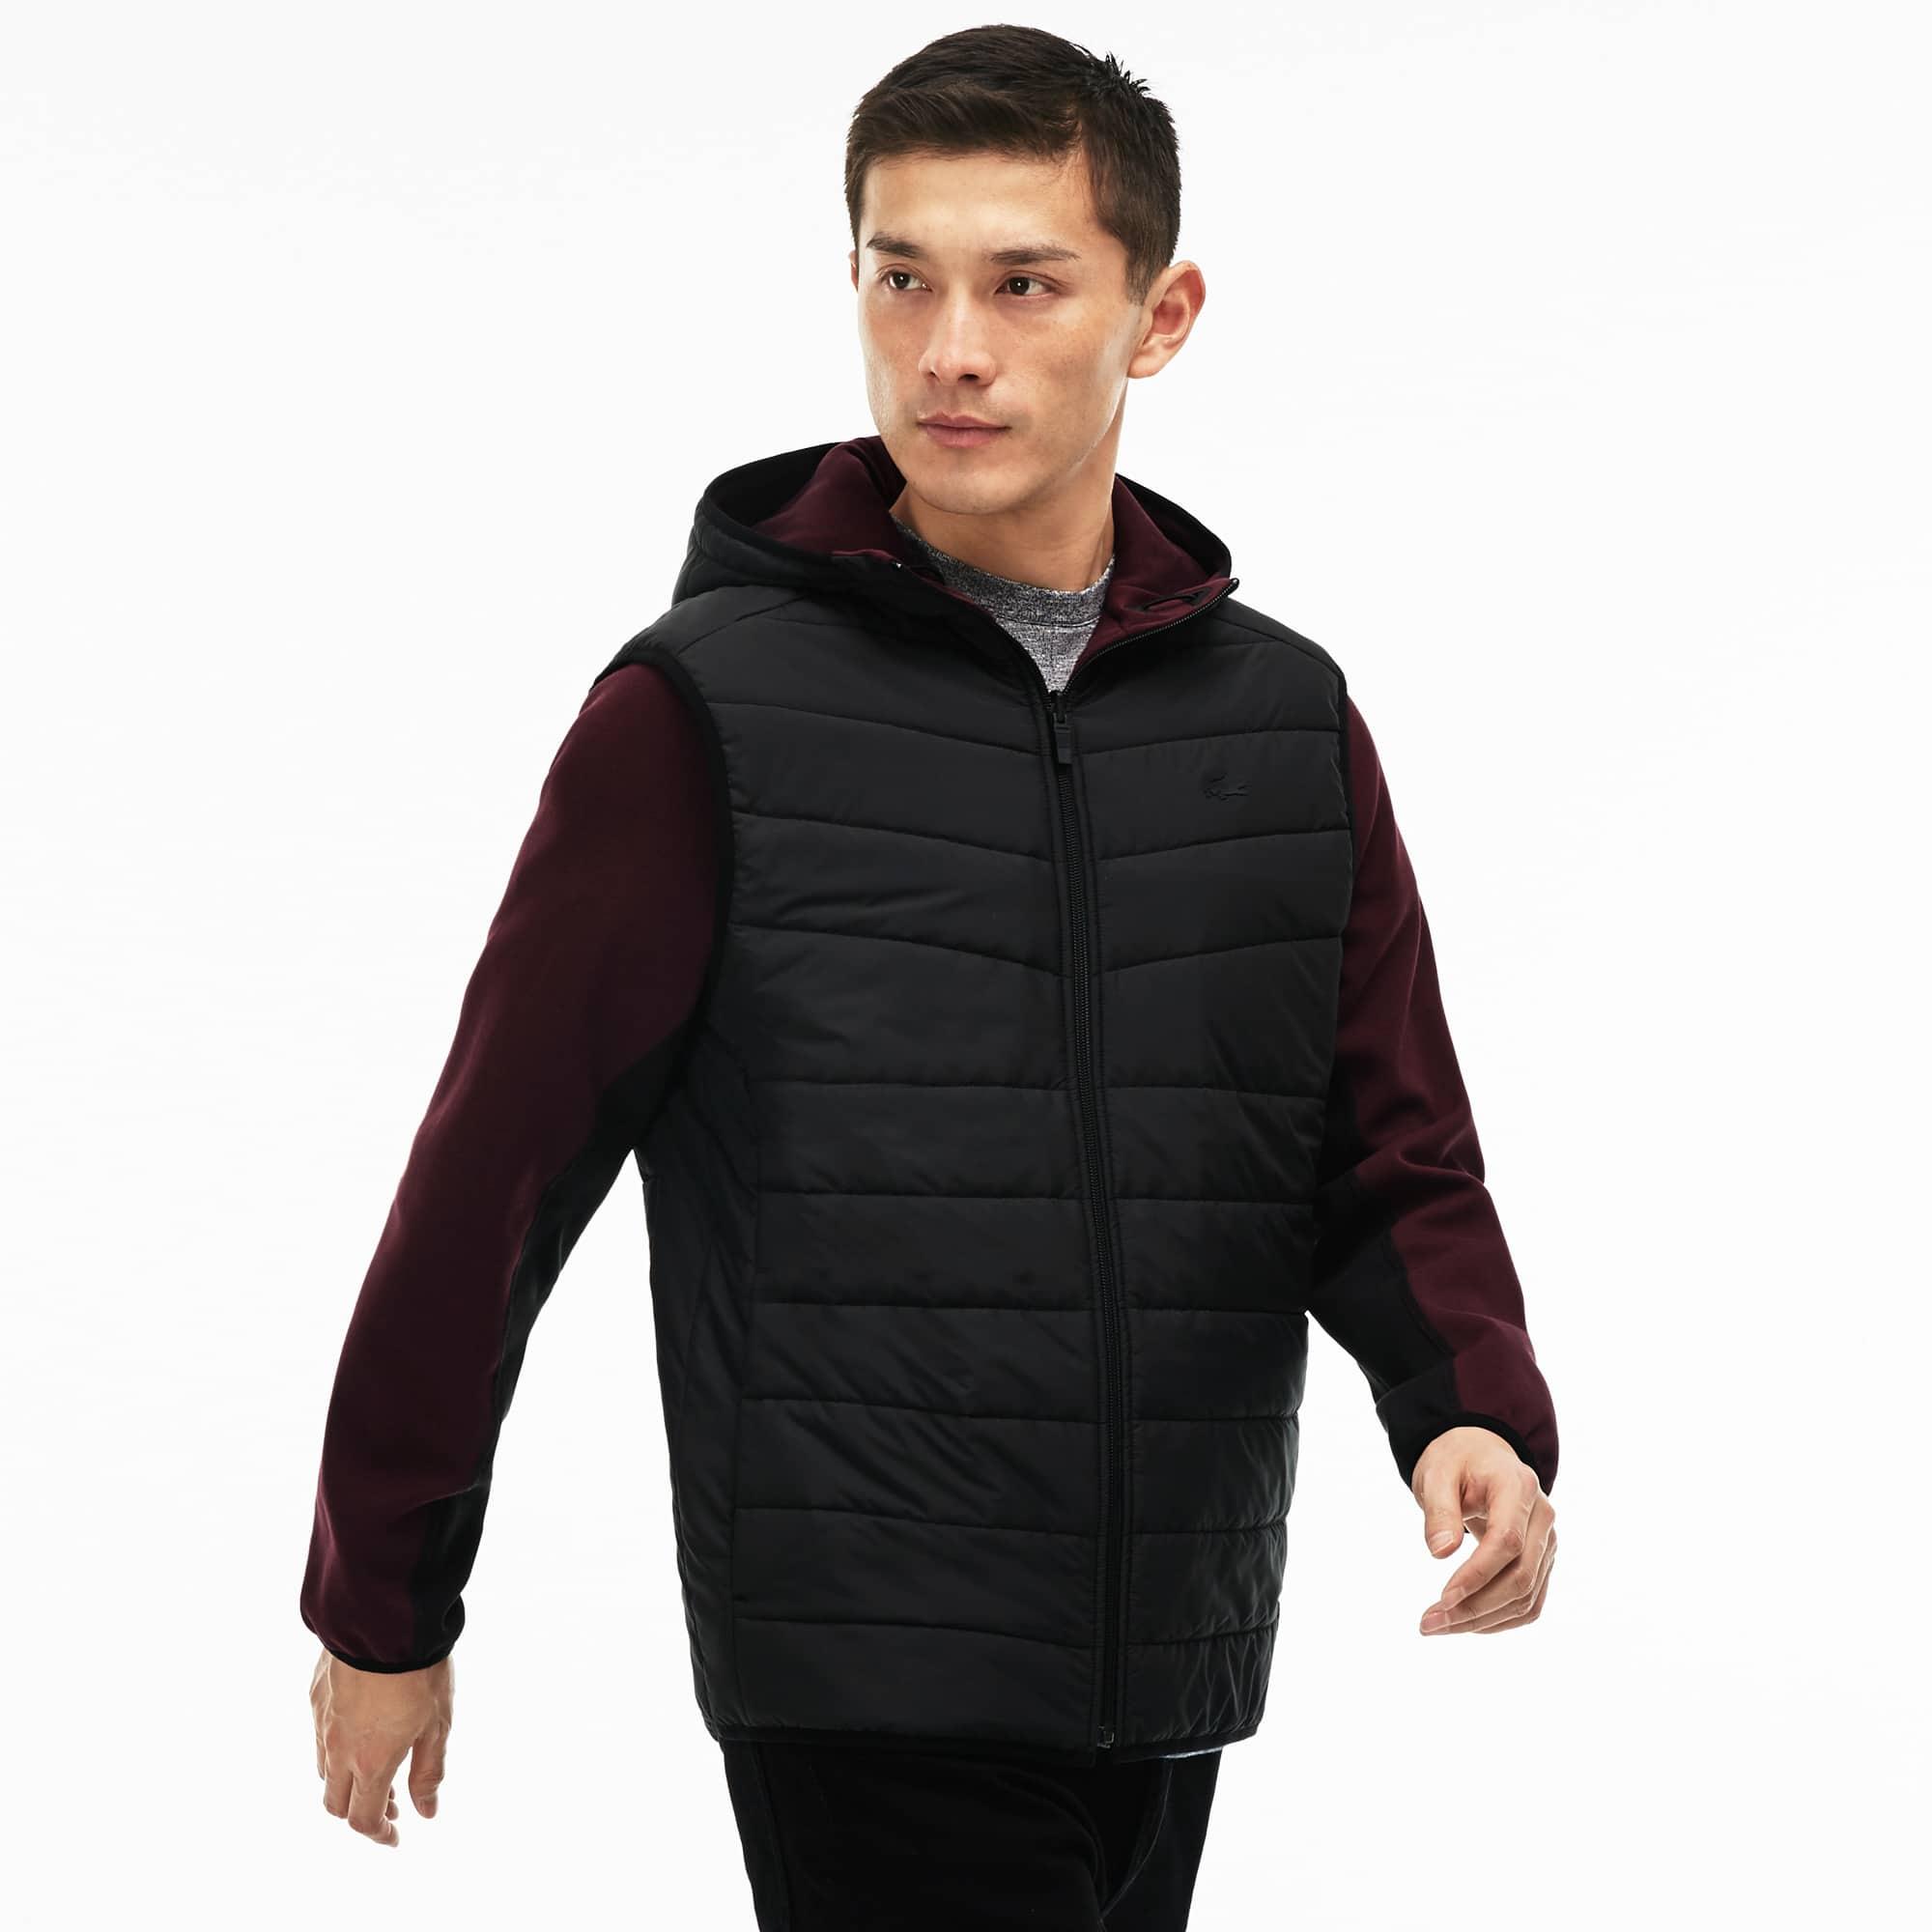 Sweatshirt zippé à capuche en jersey matelassé bicolore